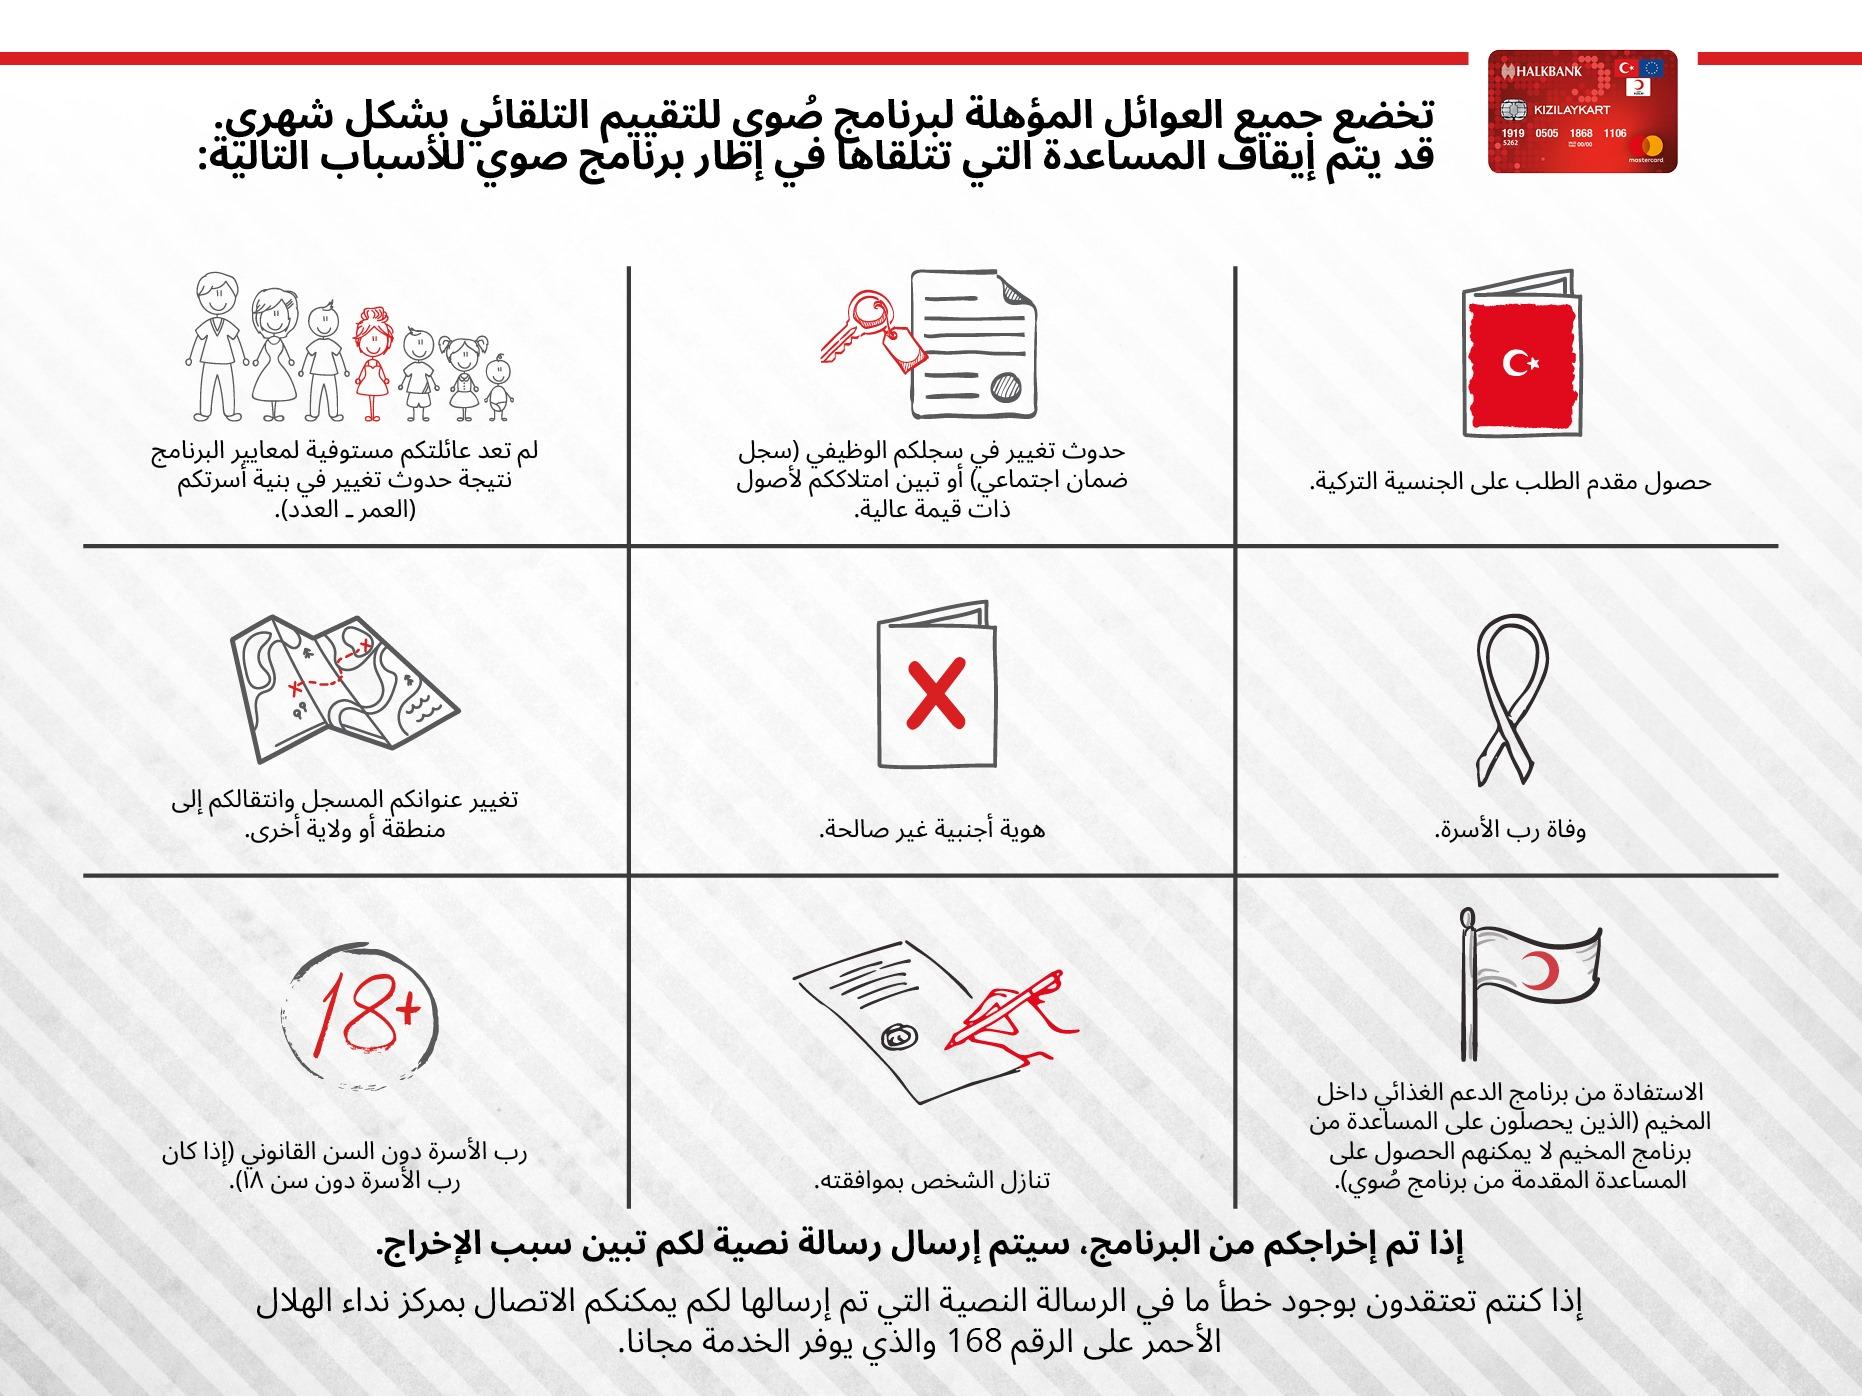 الهلال الأحمر التركي ينشر الأسباب التي تؤدي الى ايقاف كرت المساعدات 2